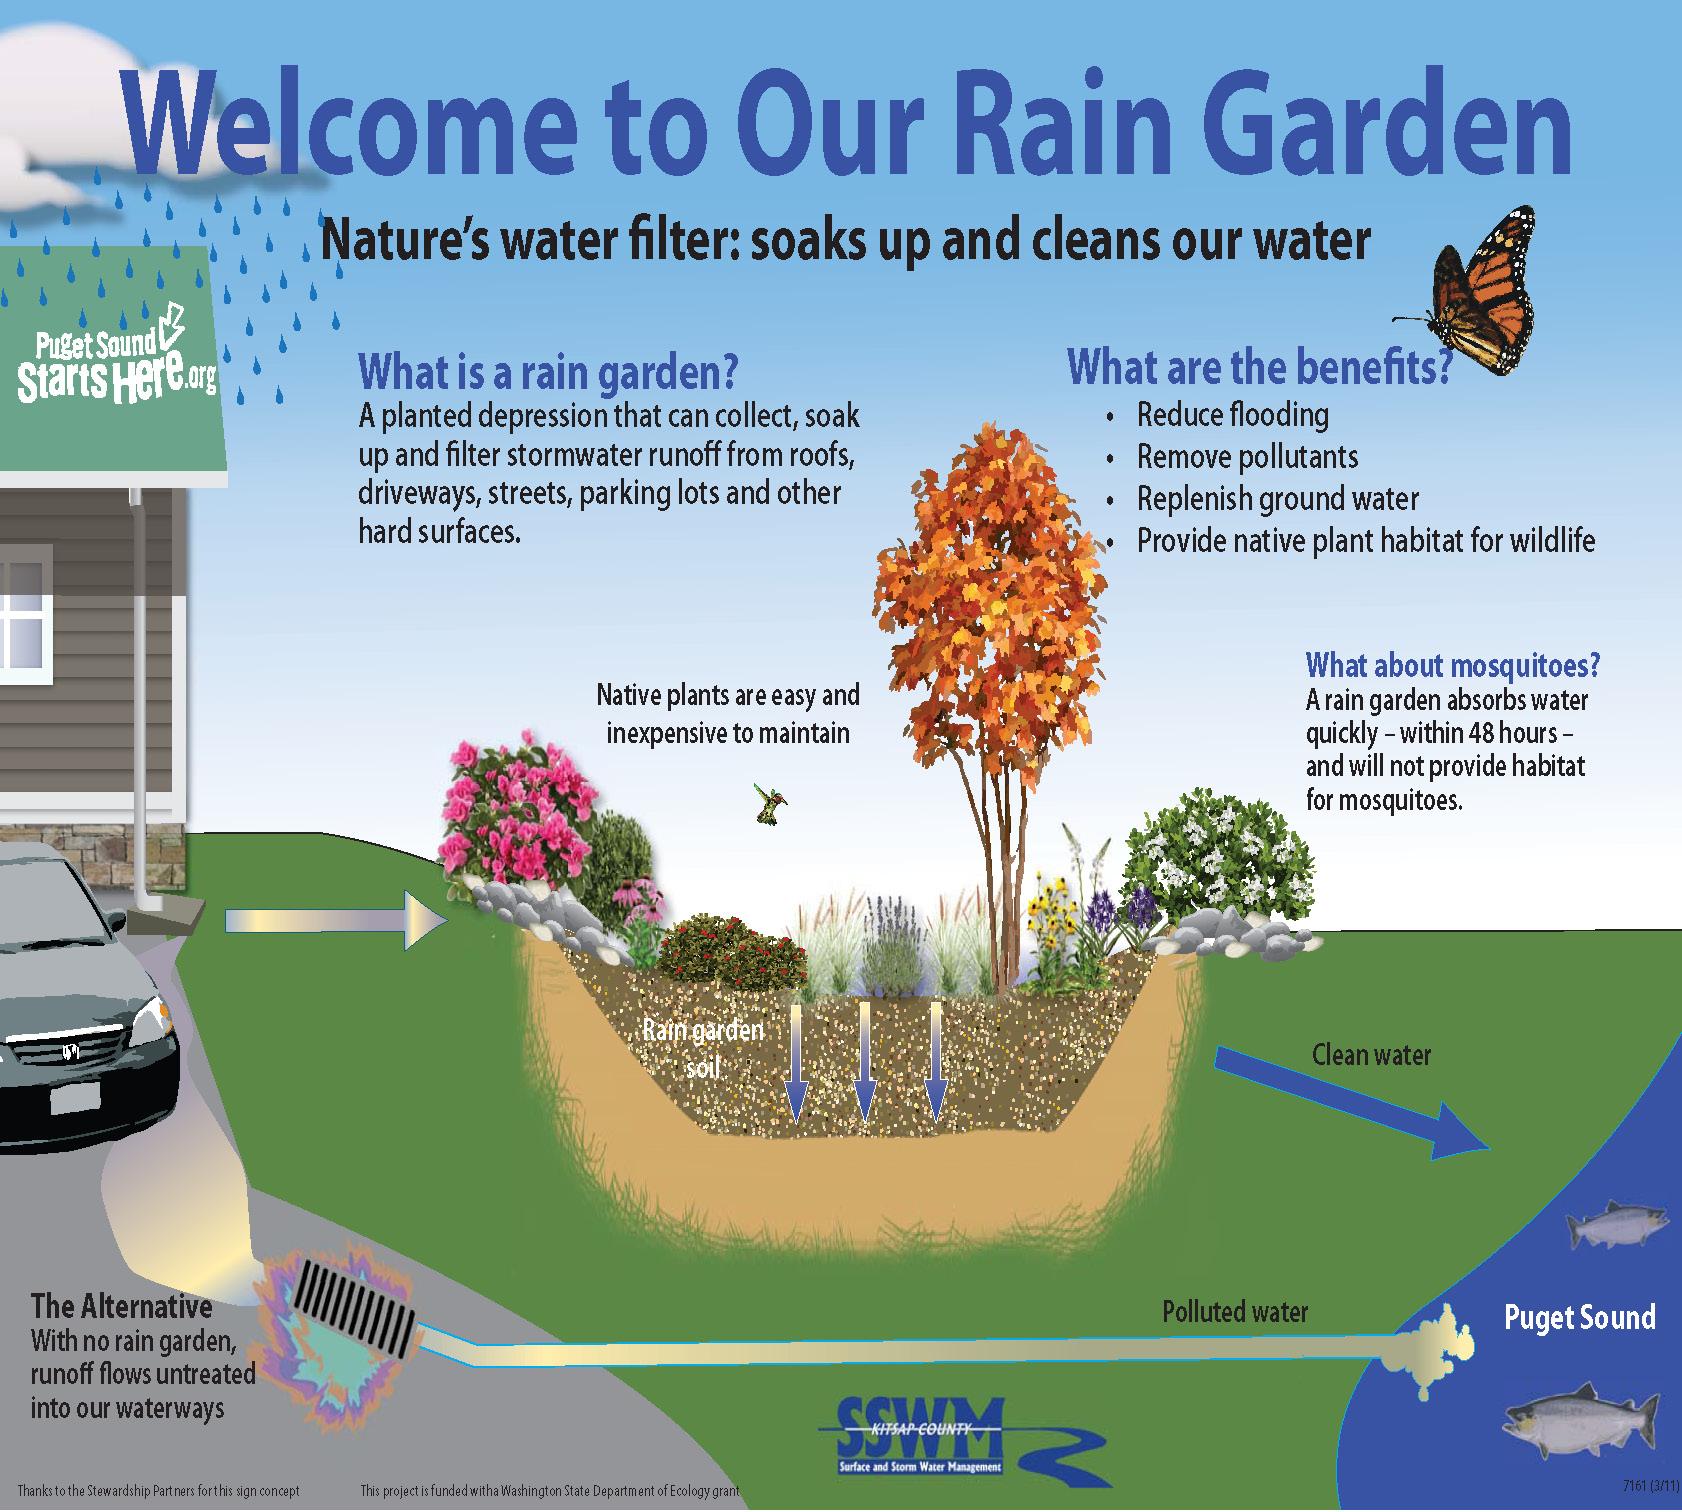 raingarden_yard.jpg